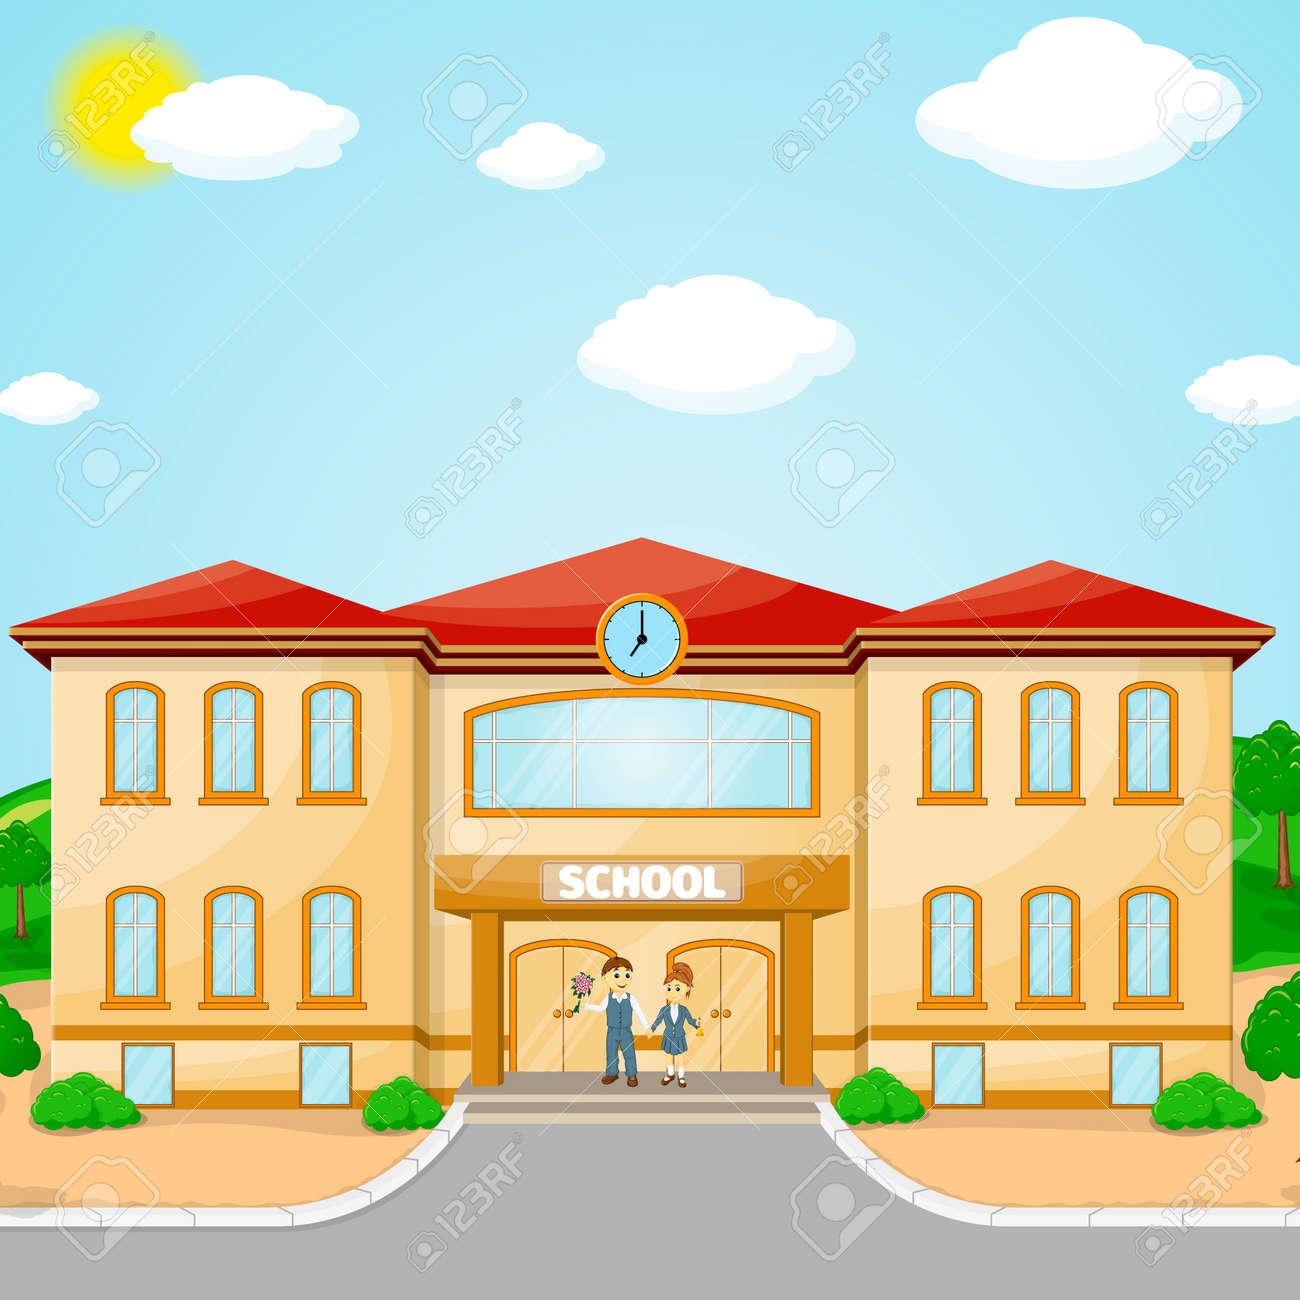 横断幕やポスターのデザインを学校へ戻るのための校舎のイラスト の写真